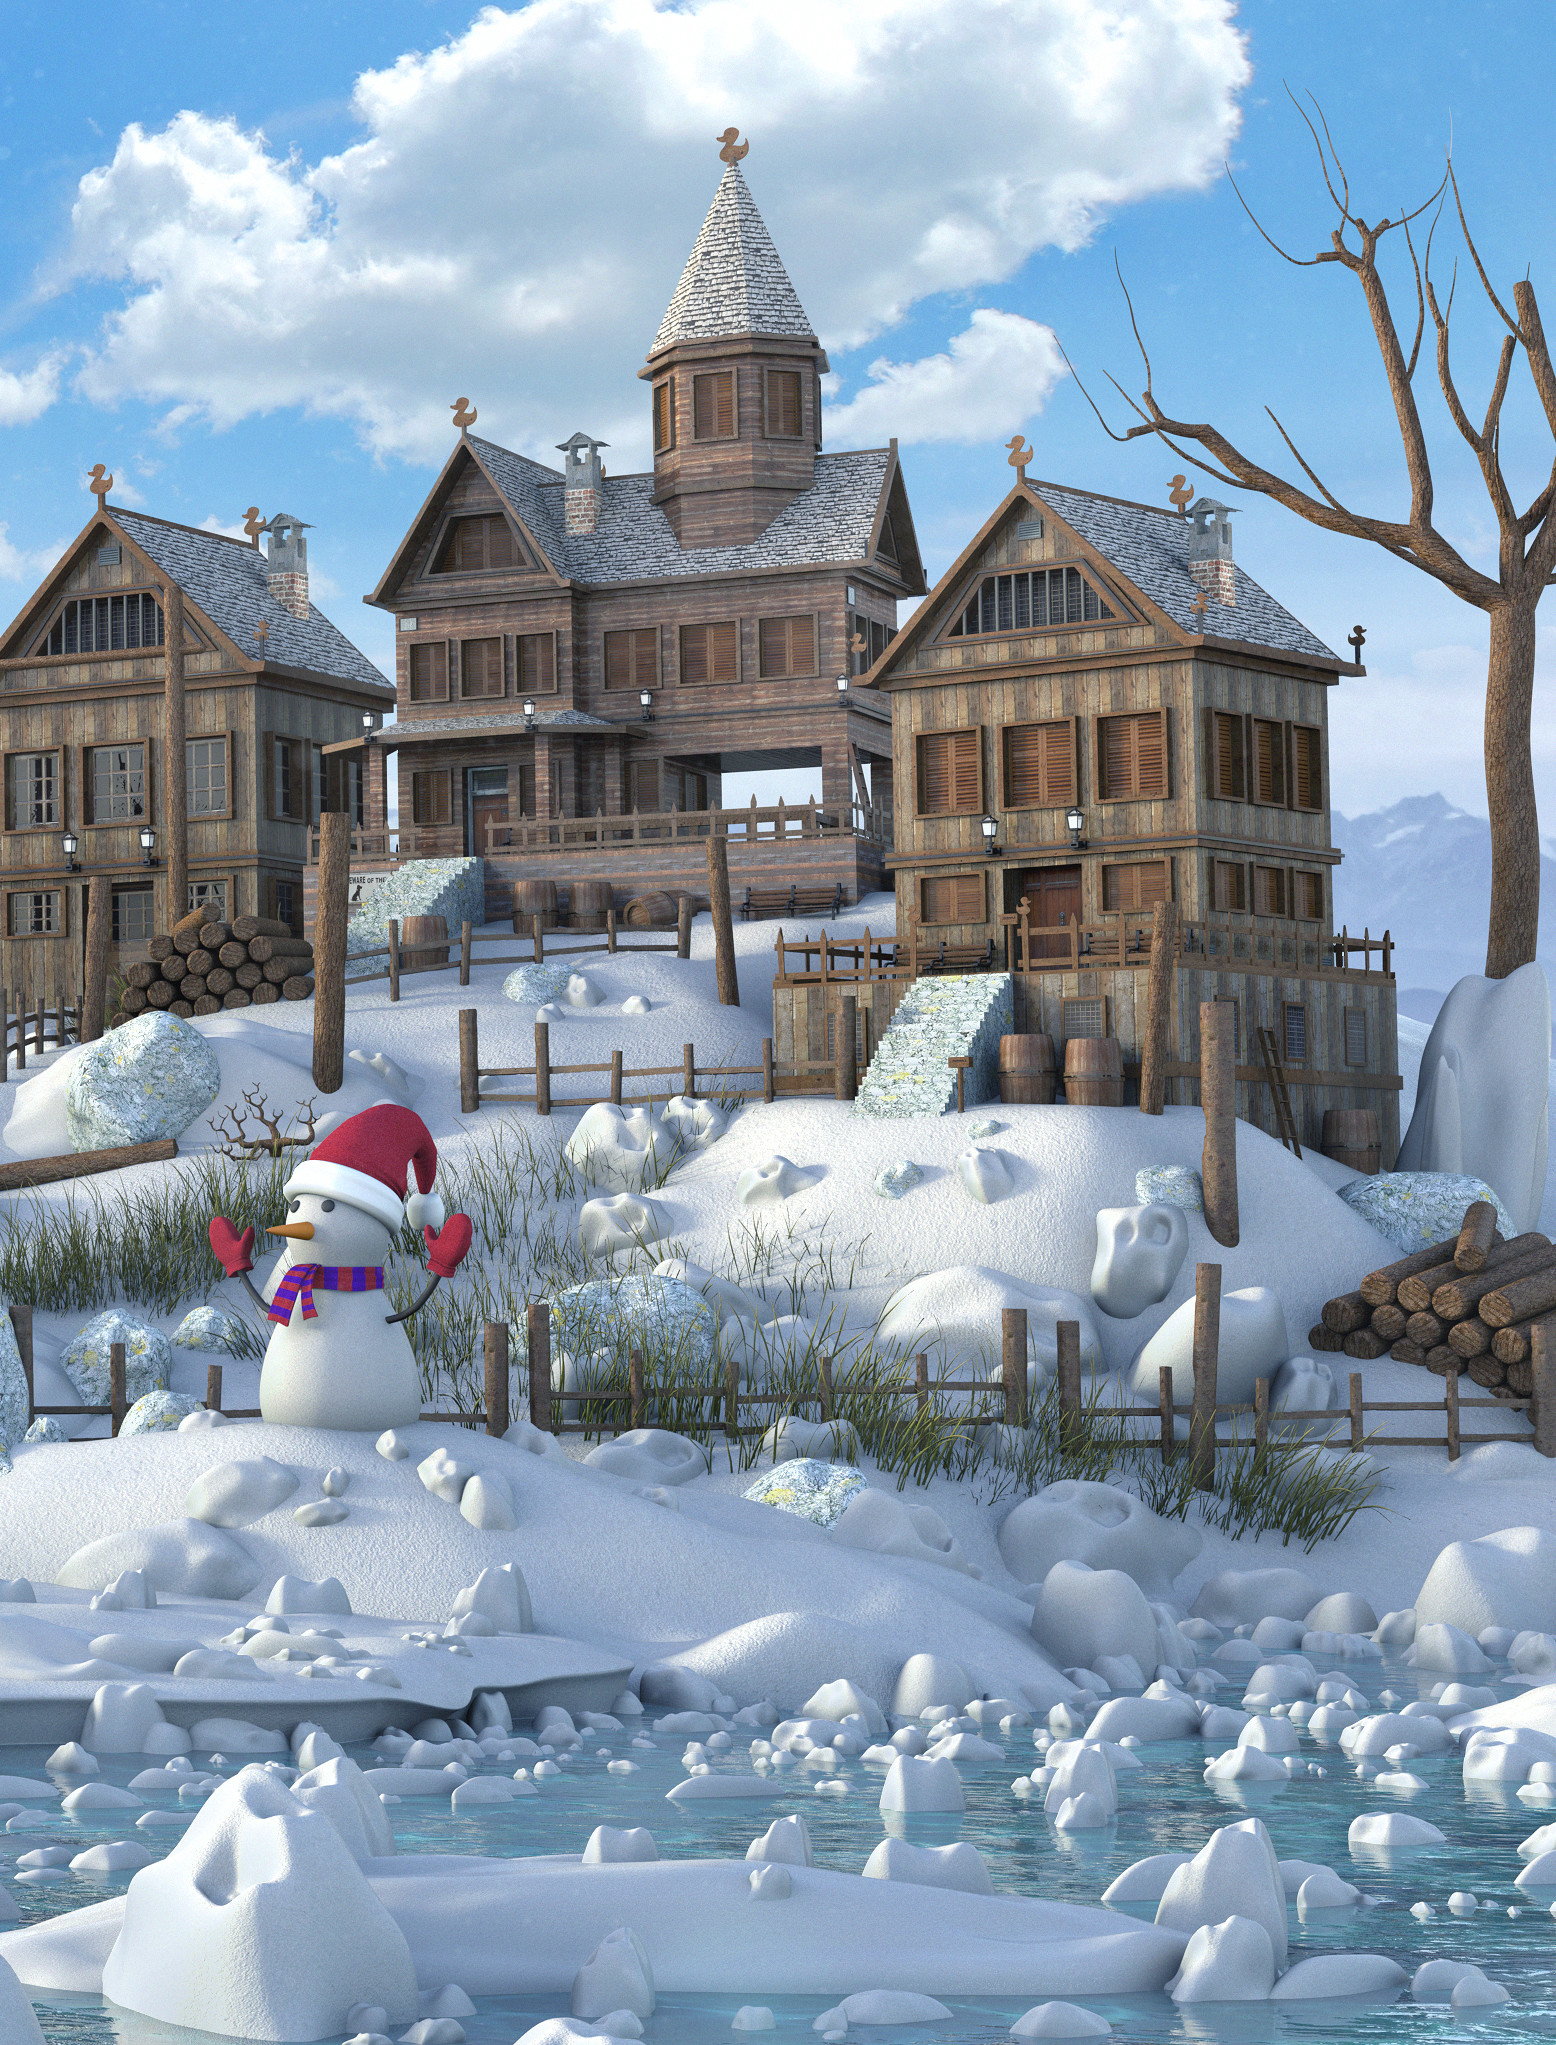 Marc mons snowtown2